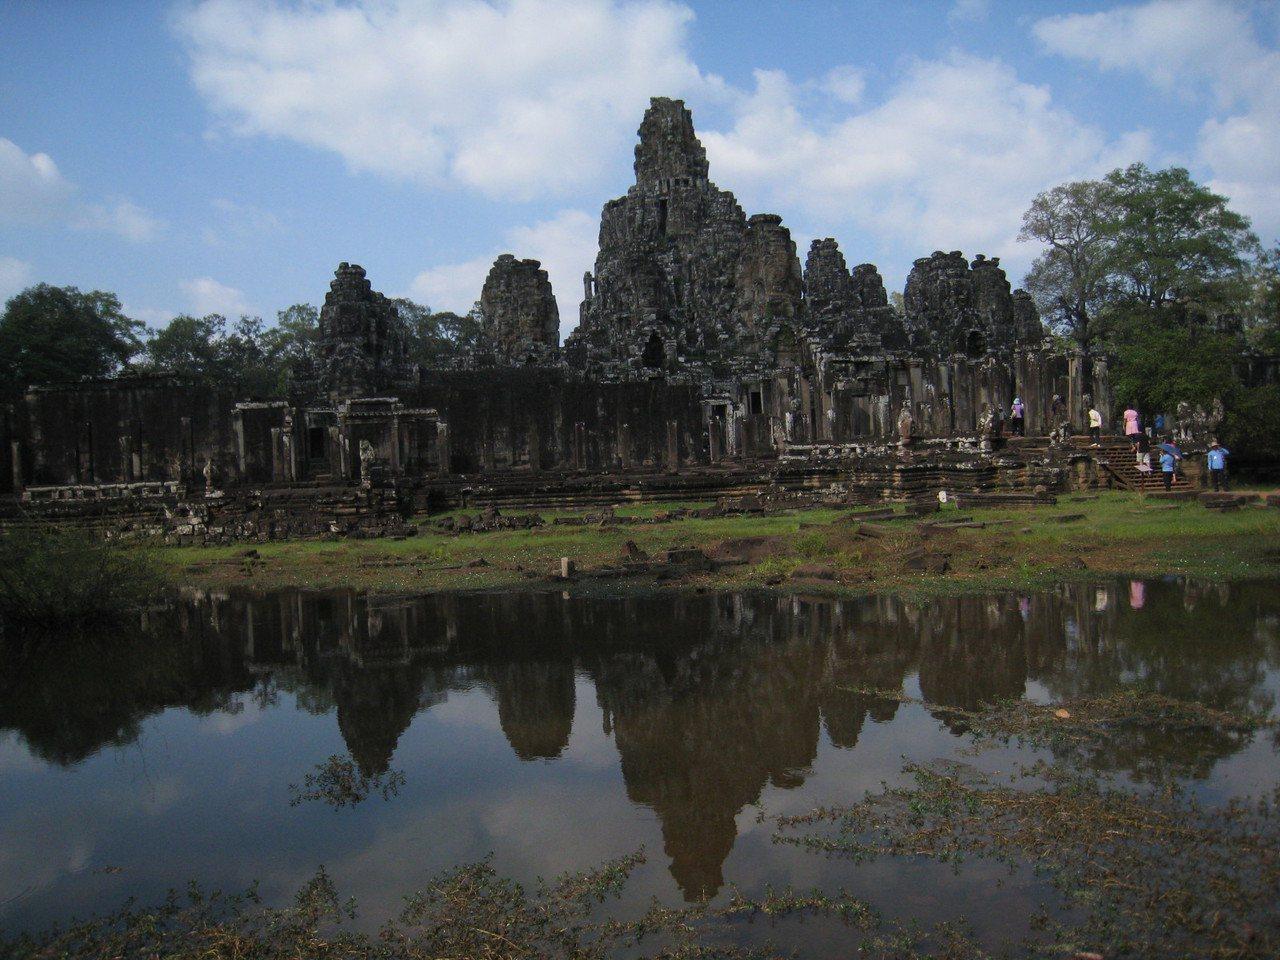 擔任領隊可以踏遍世界遺址或朝聖電影場景,圖為電影古墓奇兵中出現的巴戎寺,就是知名...